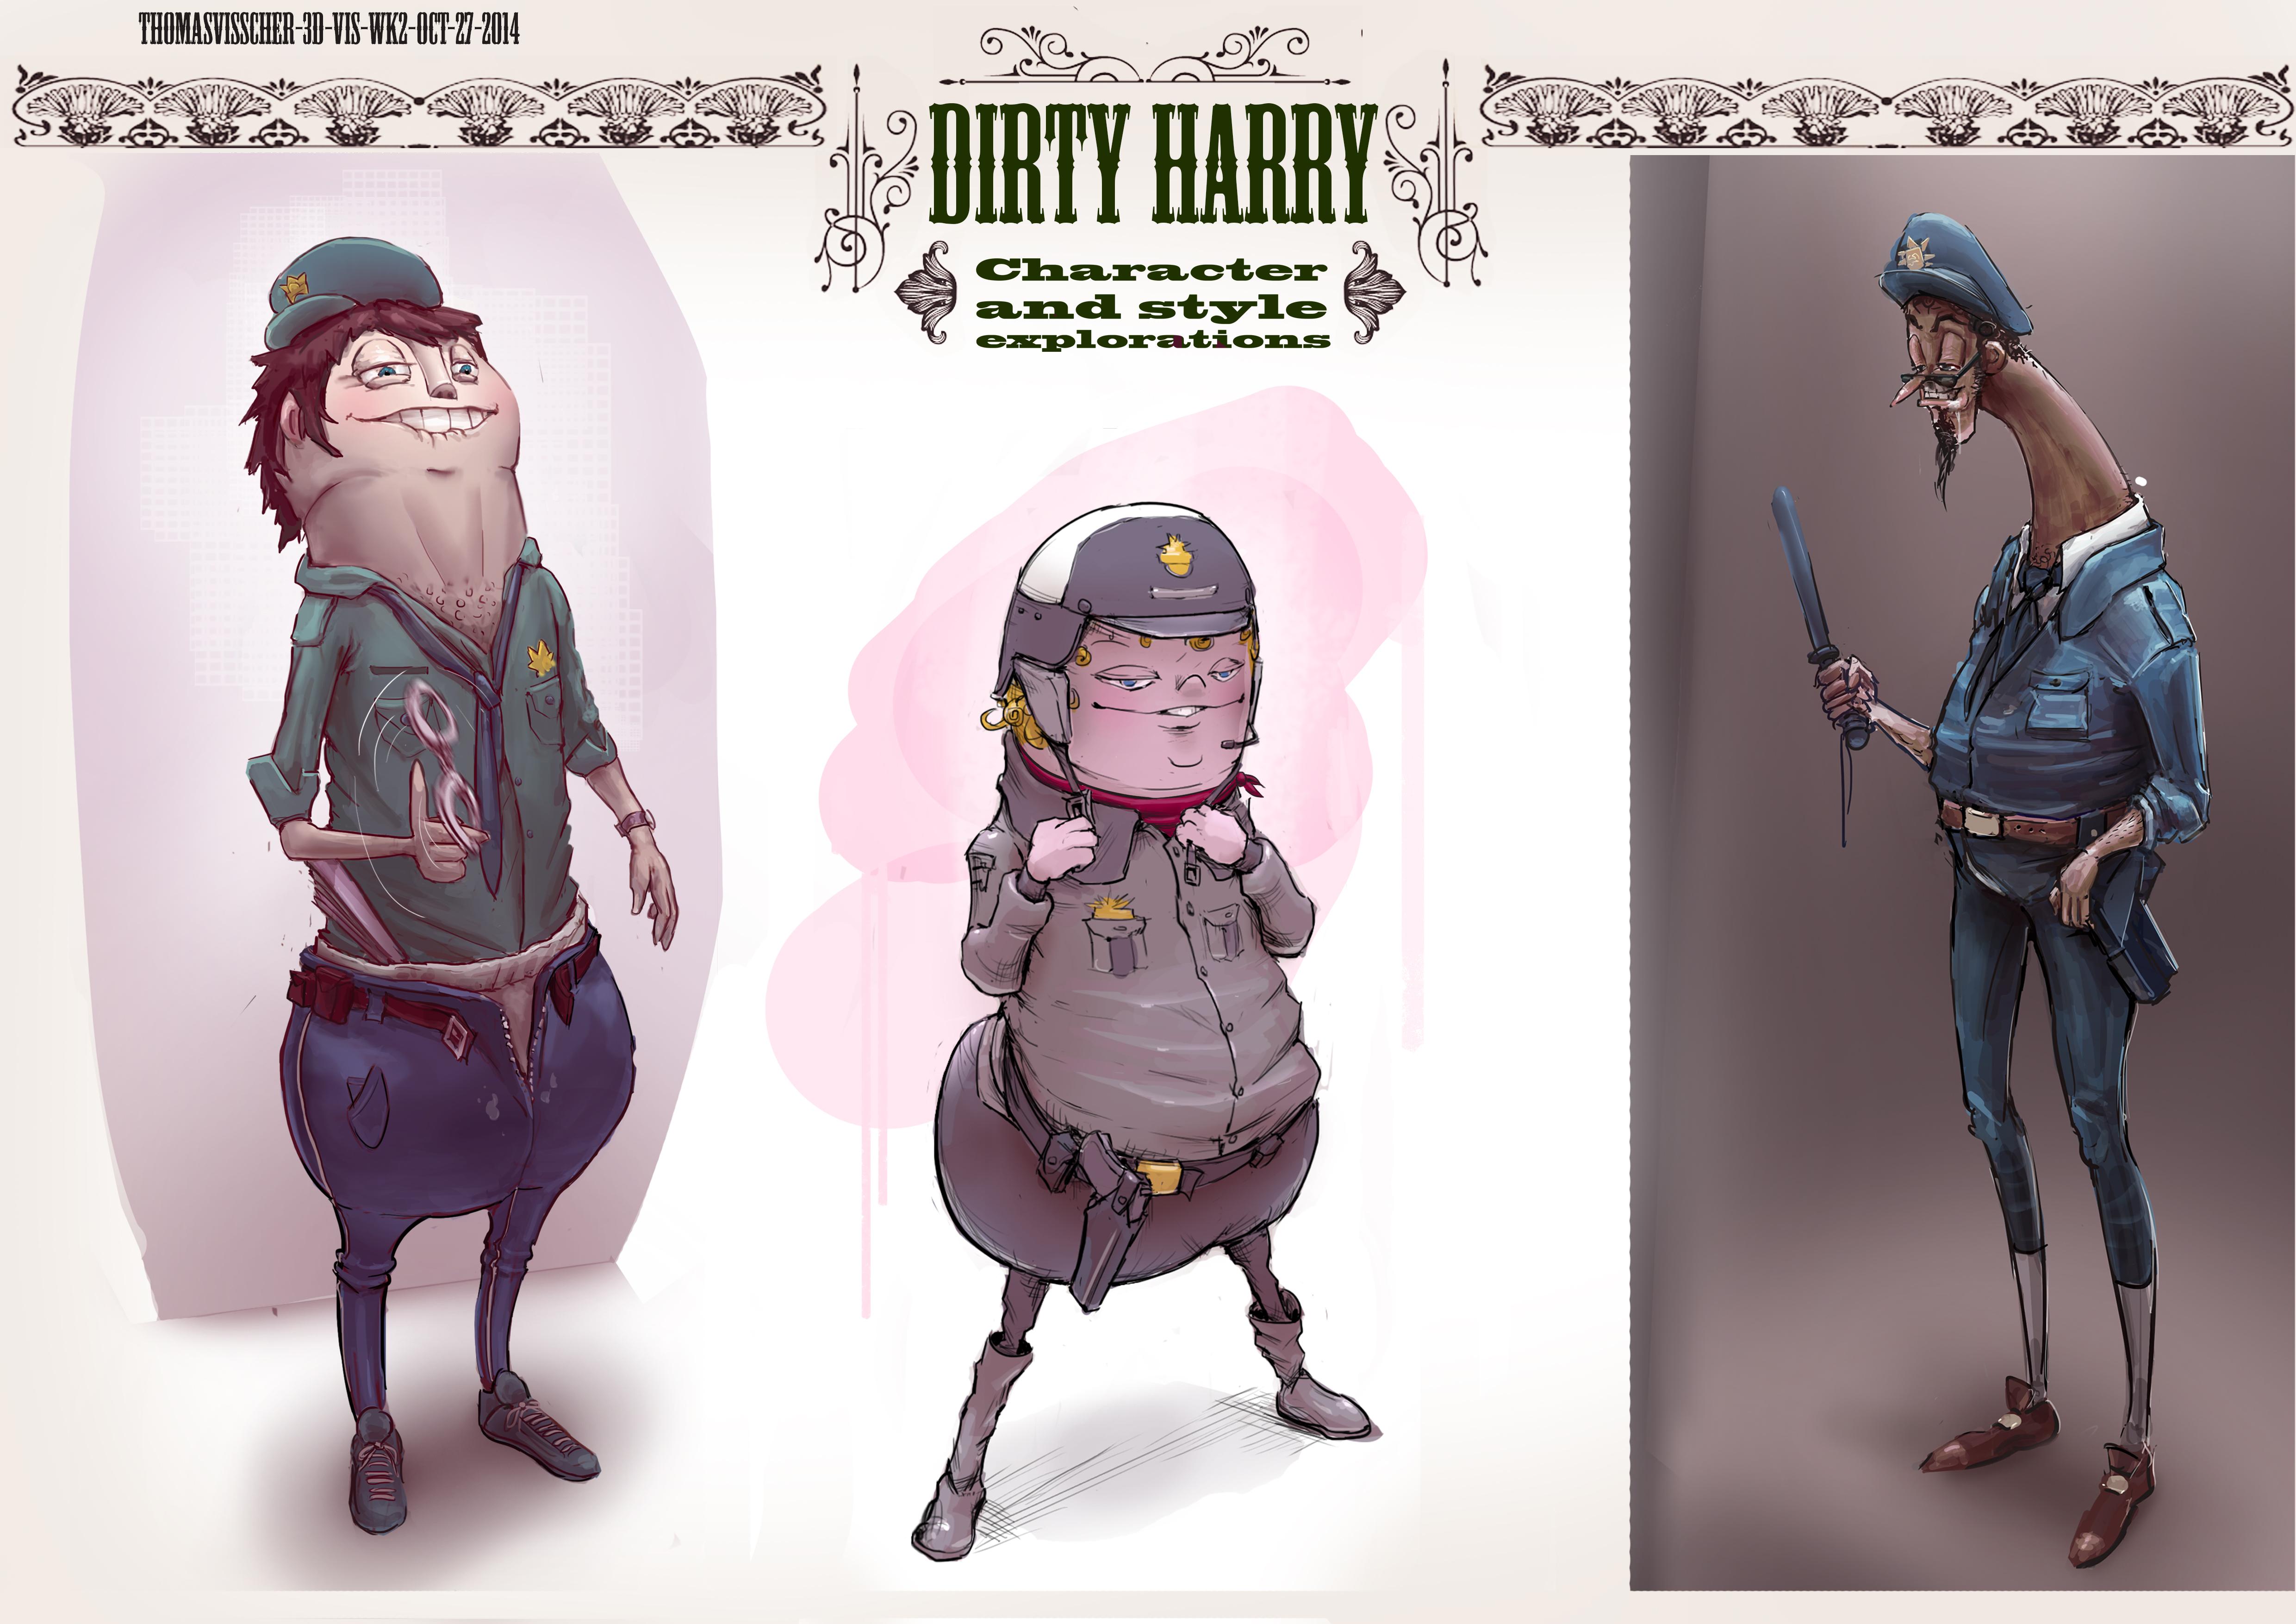 Horny harry character sheet